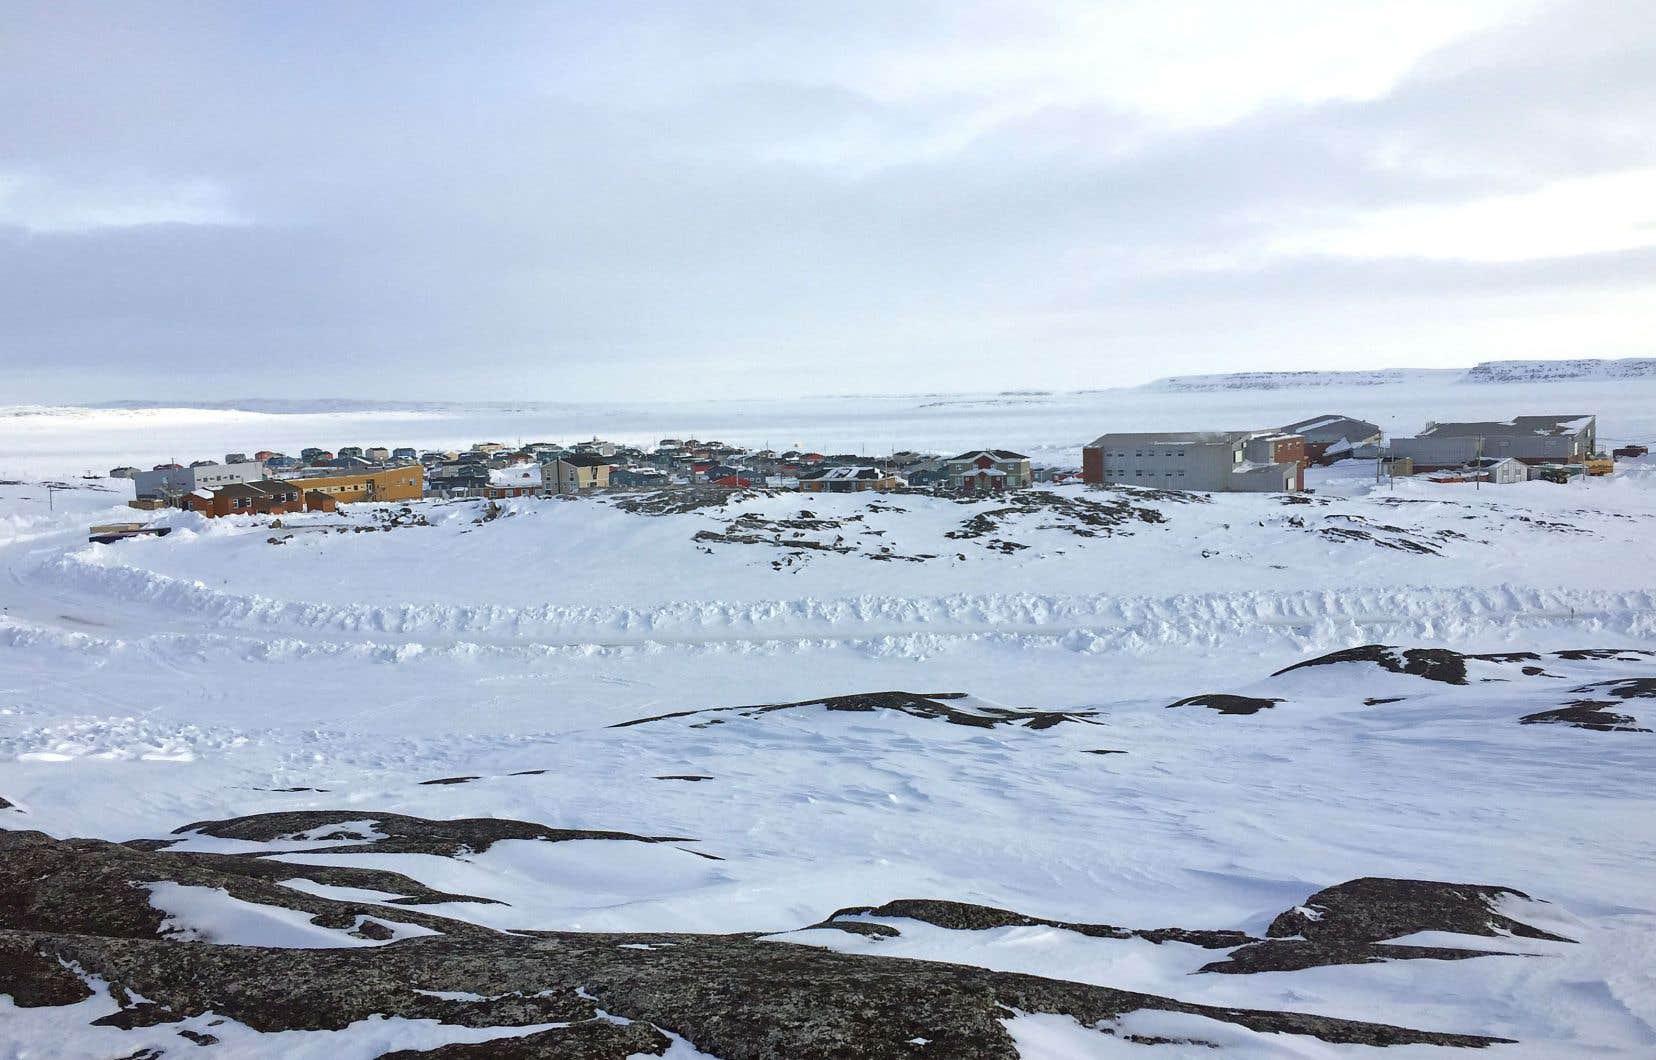 Le village d'Inukjuak, au bord de la baie d'Hudson, au Nunavik